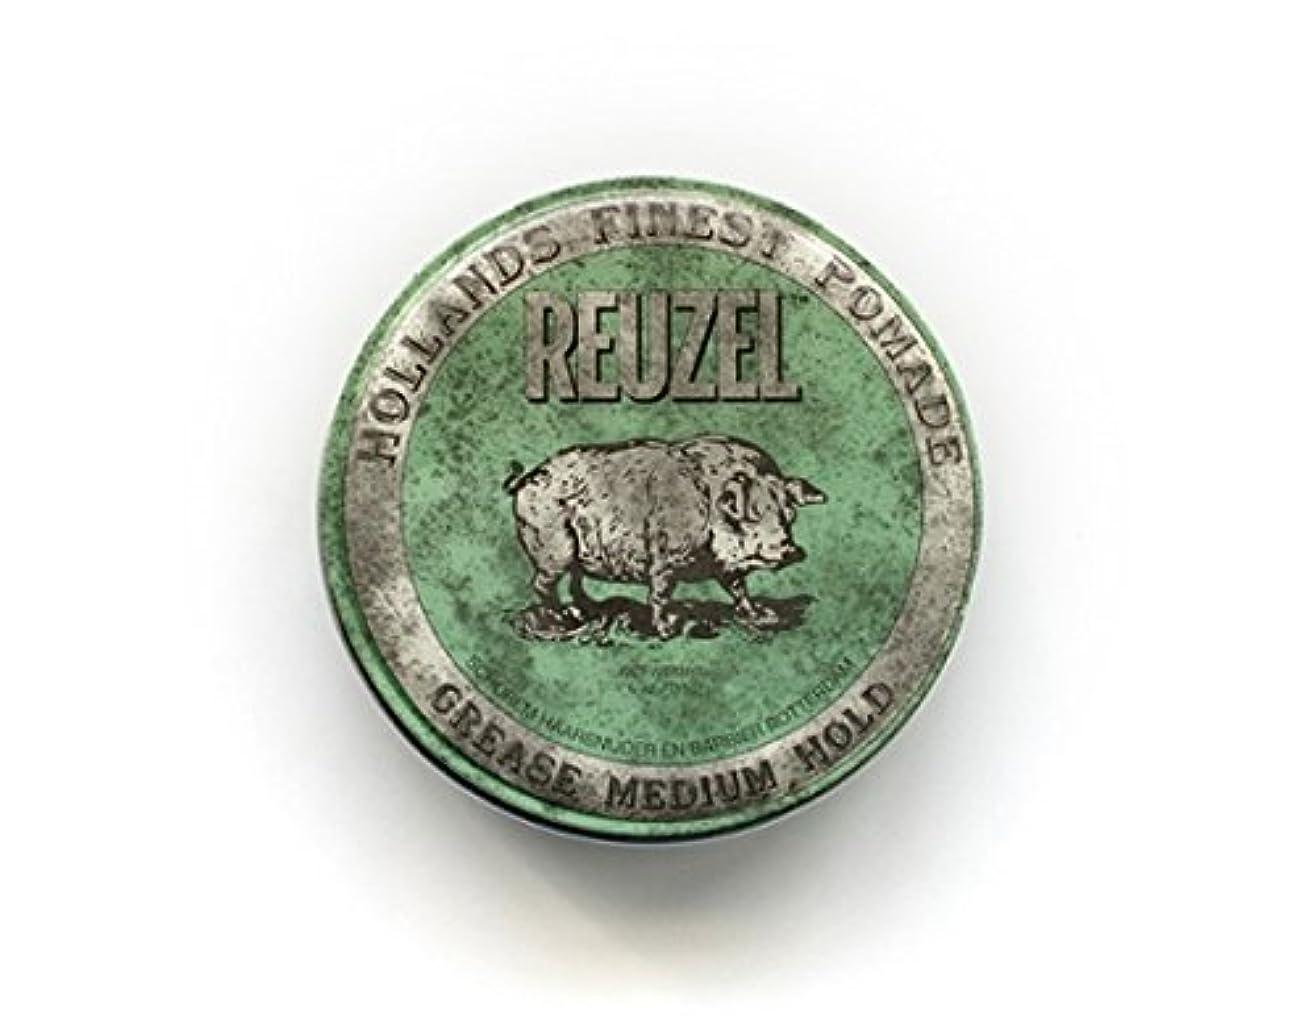 フルートナビゲーション分配しますルーゾー グリースポマード ハード 油性 【緑】340g  REUZEL ルーゾーポマード